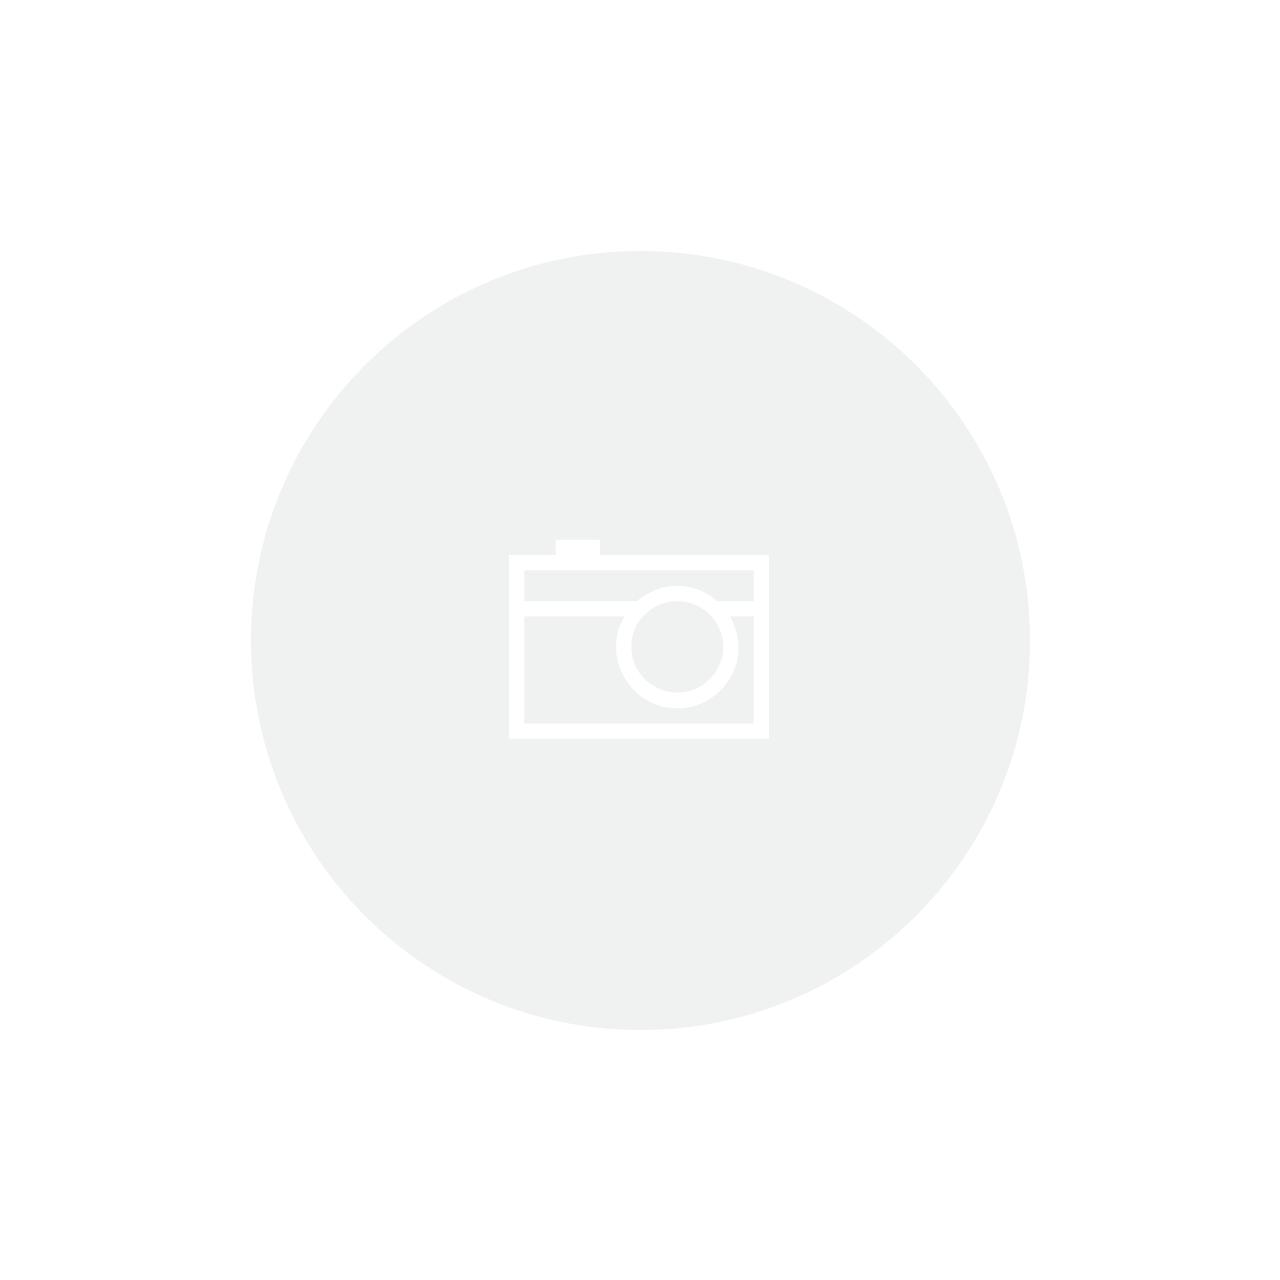 Seleção Cabernet Sauvignon - Pack com 04 rótulos